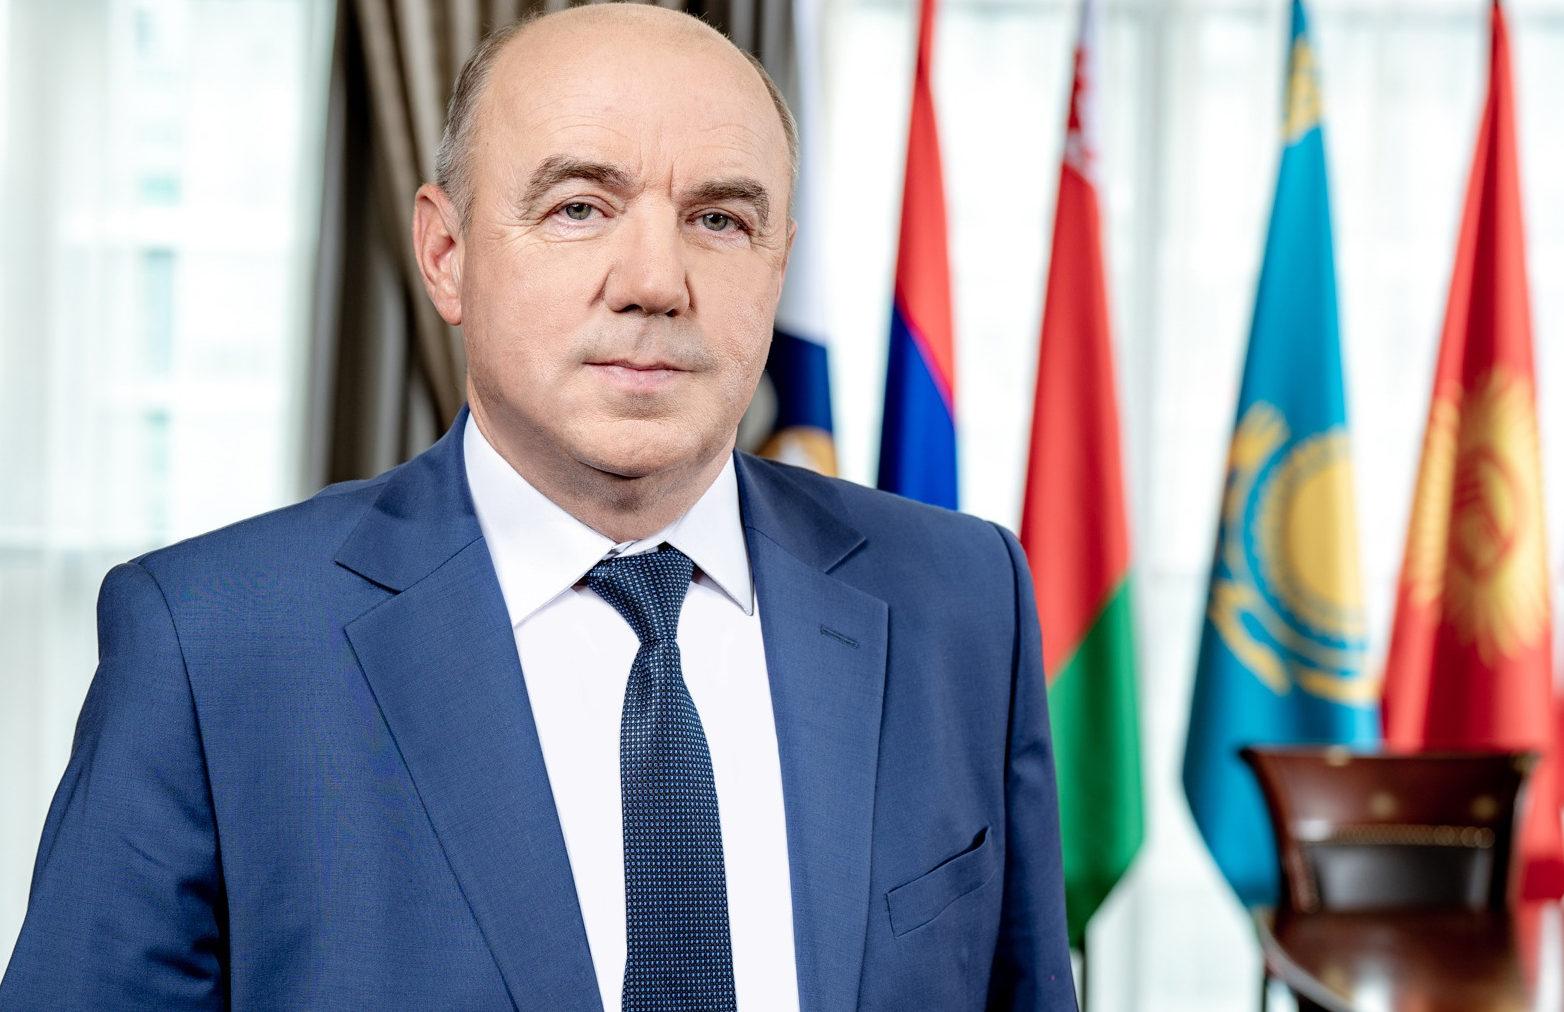 Виктор Назаренко: «Система оценки соответствия и государственного надзора должны быть выстроены таким образом, чтобы на общий рынок Союза поступала только качественная и безопасная продукция»